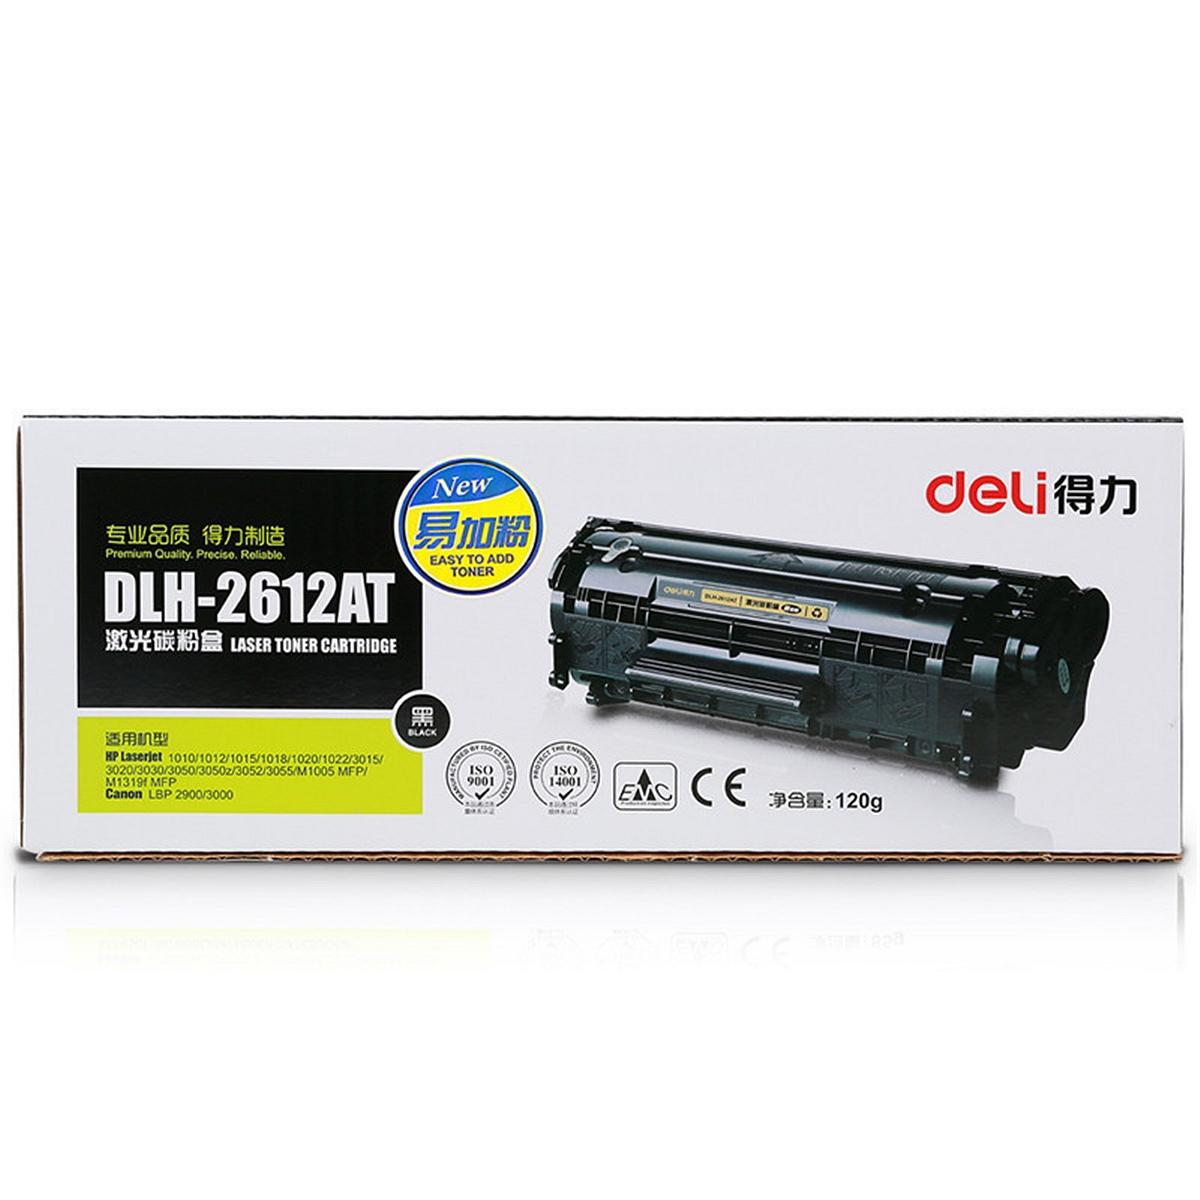 得力DLH-2612AT硒鼓(鼓粉一体)单只装黑色(只)适用于HP1012/1015/1020/1022/3015打印量:2000